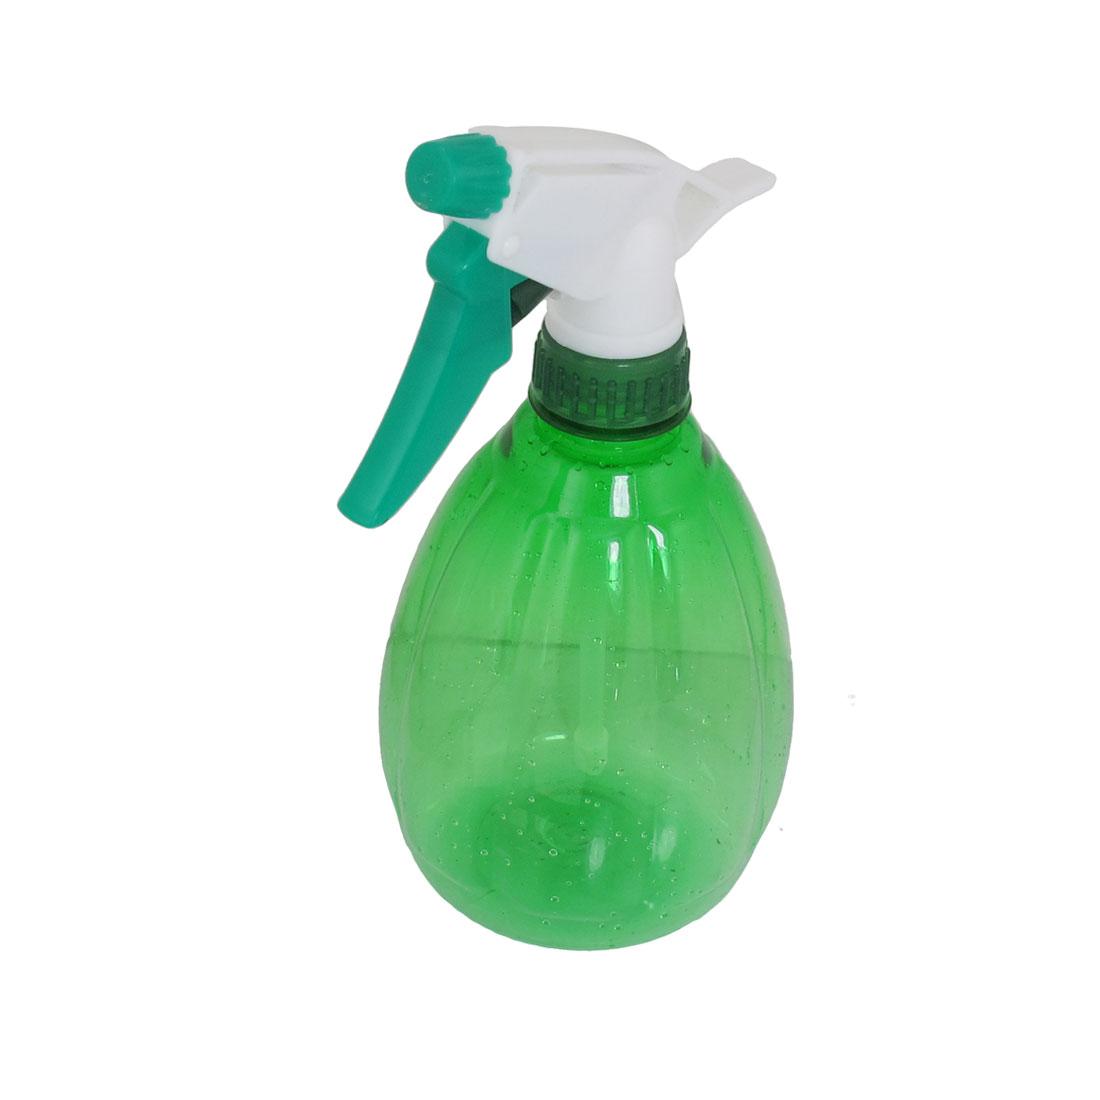 Resultado de imagen de botella spray plastico